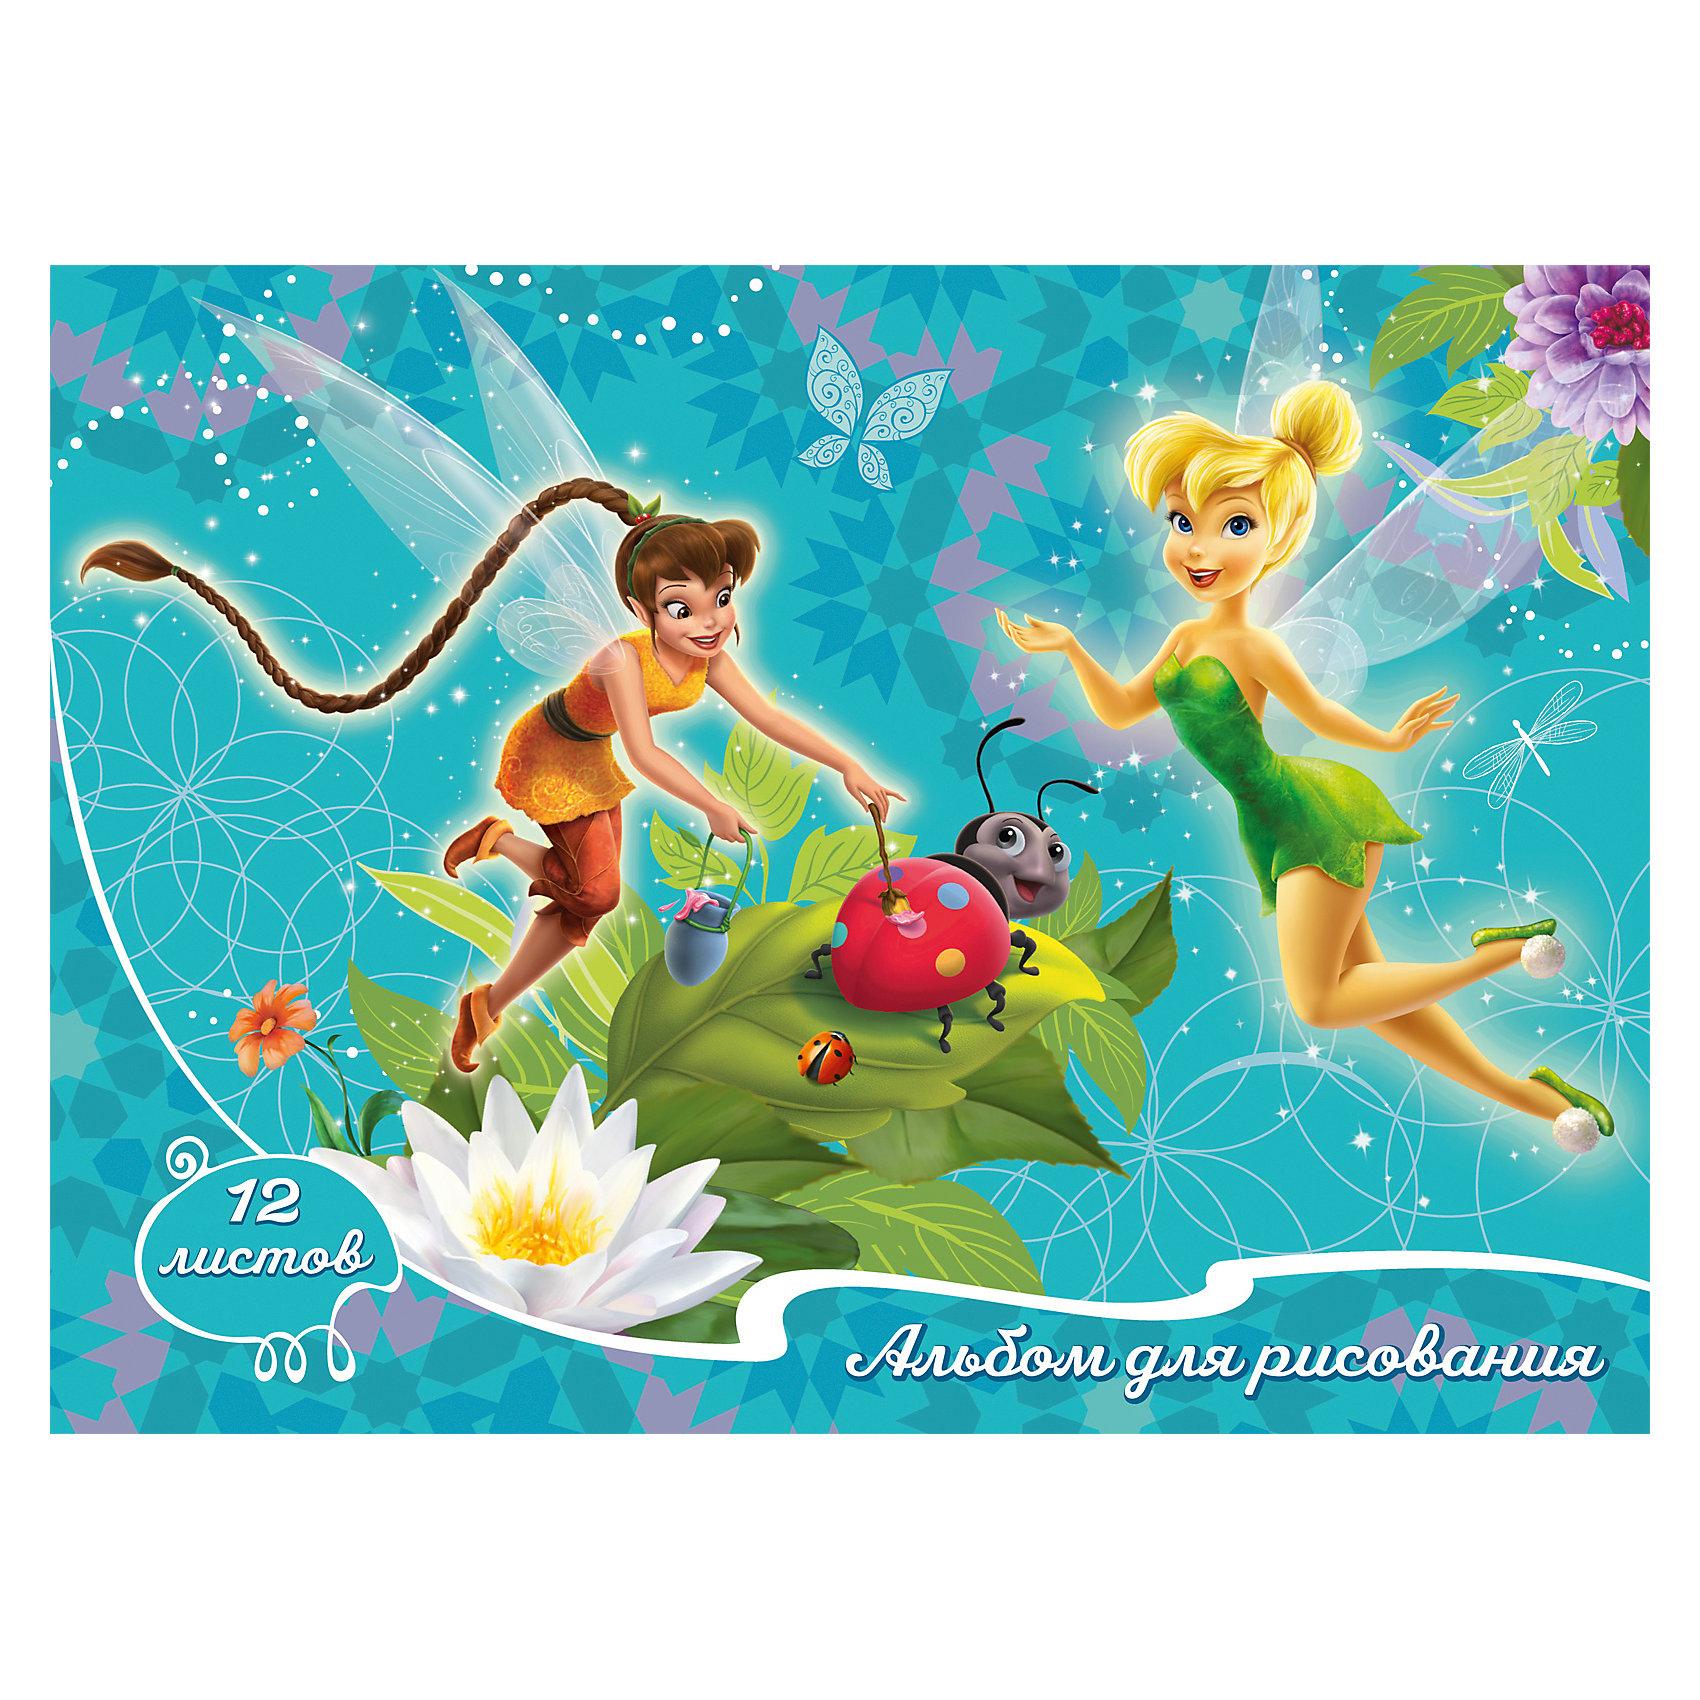 Альбом для рисования Феи, 12 листовАльбом Disney «Феи» формата А4 включает 12 бумажных листов, которые, благодаря своей высокой плотности, идеально подходят для рисования акварелью, гуашью, карандашами и фломастерами. А очаровательные волшебные феи, изображенные на обложке из импортного мелованного картона, призваны вдохновлять вашу маленькую художницу на новые изобразительные шедевры. Товар сертифицирован. Крепление – скрепка.<br><br>Ширина мм: 280<br>Глубина мм: 205<br>Высота мм: 2<br>Вес г: 92<br>Возраст от месяцев: 48<br>Возраст до месяцев: 108<br>Пол: Унисекс<br>Возраст: Детский<br>SKU: 4637446